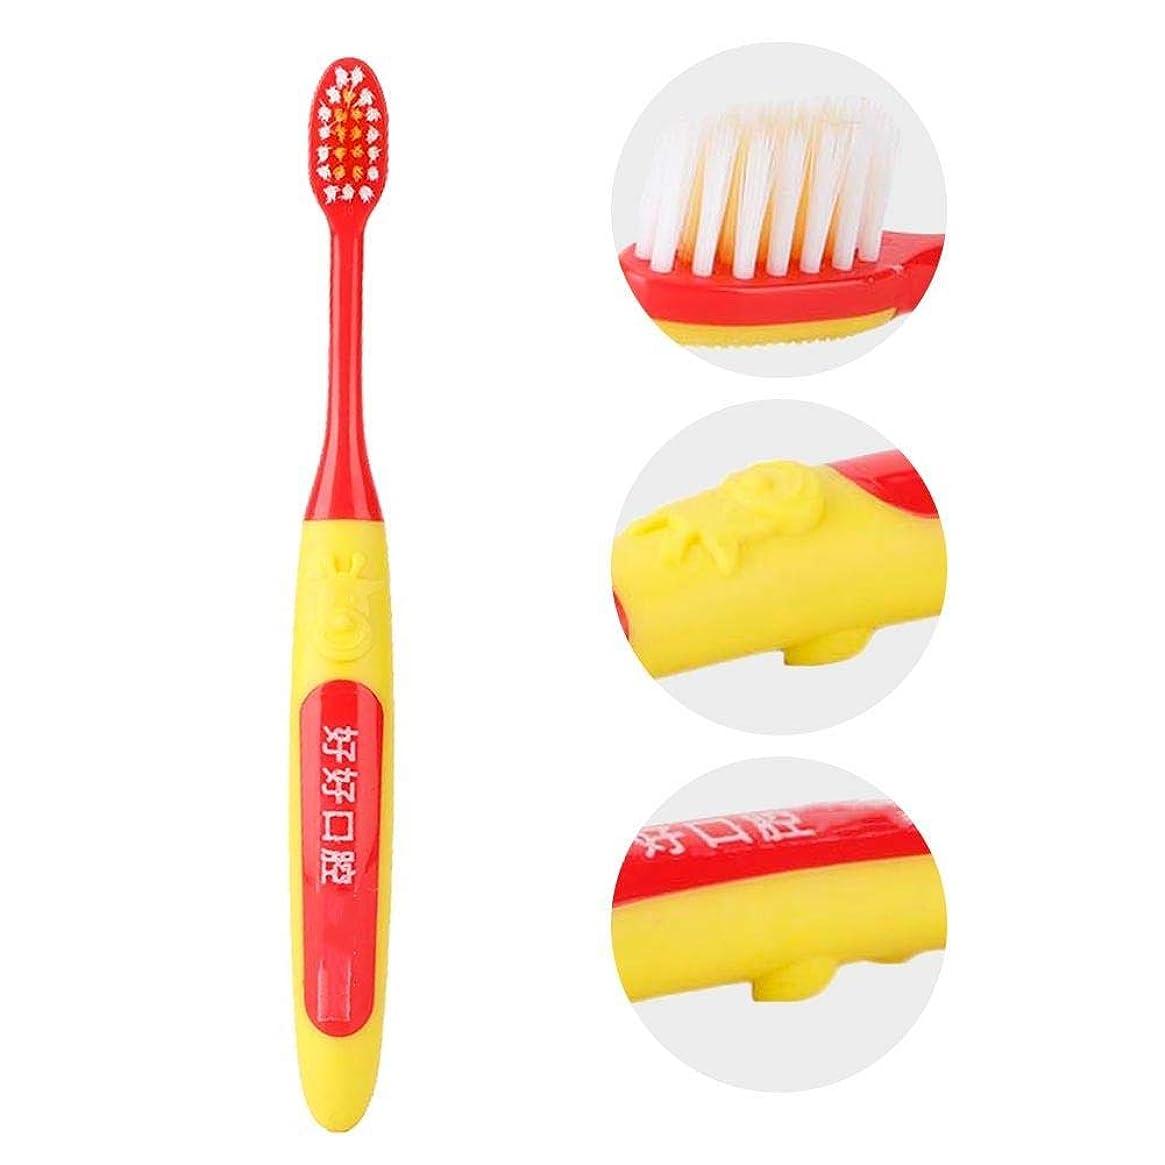 比率若さリンク歯ブラシ子供の柔らかい髪の歯ブラシかわいい子供のクリーニング歯ブラシオーラルケアツール(黄色いハンドル)